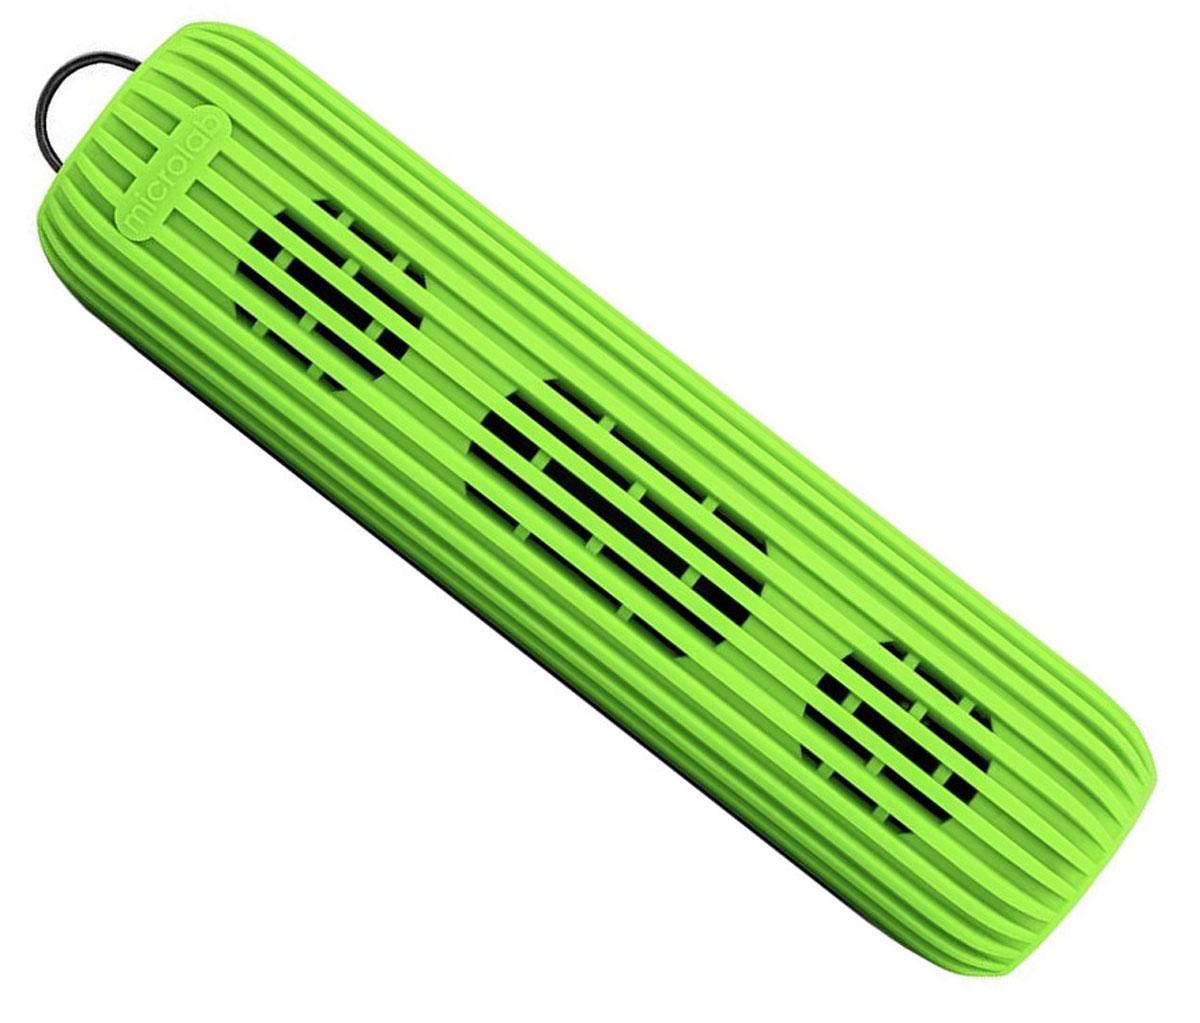 Microlab D21, Green портативная акустическая система80531Акустическая система необычной формы и дизайна ориентирована на людей, ведущих активный образ жизни. Microlab D21 способна стать прекрасным спутником как на небольшом пикнике на природе, так и в долгом походе. Благодаря силиконовому покрытию корпуса, сателлит прощает слушателю небольшие ударные воздействия, а также прекрасно переносит как росу, так и небольшой дождик, что наряду с пылью, может стать фатальным для других портативных акустических систем.Небольшие размеры обеспечивают портативность системы, она не занимает много места и поместится в любом рюкзаке или сумке, а идущий в комплекте шнурок способен закрепить сателлит в походном варианте, позволяя избежать потери колонки.В Bluetooth-режиме при входящем звонке на телефон, можно ответить на звонок через сателлит. Благодаря встроенному в колонку микрофону, телефон искать не обязательно.Колонка способна воспроизводить музыку без источника звука. Чтобы послушать музыку, вам не обязательно разряжать собственный телефон, достаточно вставить Micro SD-card в колонку и наслаждаться любимыми мелодиями.Многообразие цветов. Microlab D21 представлена в 5 цветах, можно выбрать ту расцветку, которая подходит именно вам.Литиевая батарея: 3,7 В; 1200 мАч